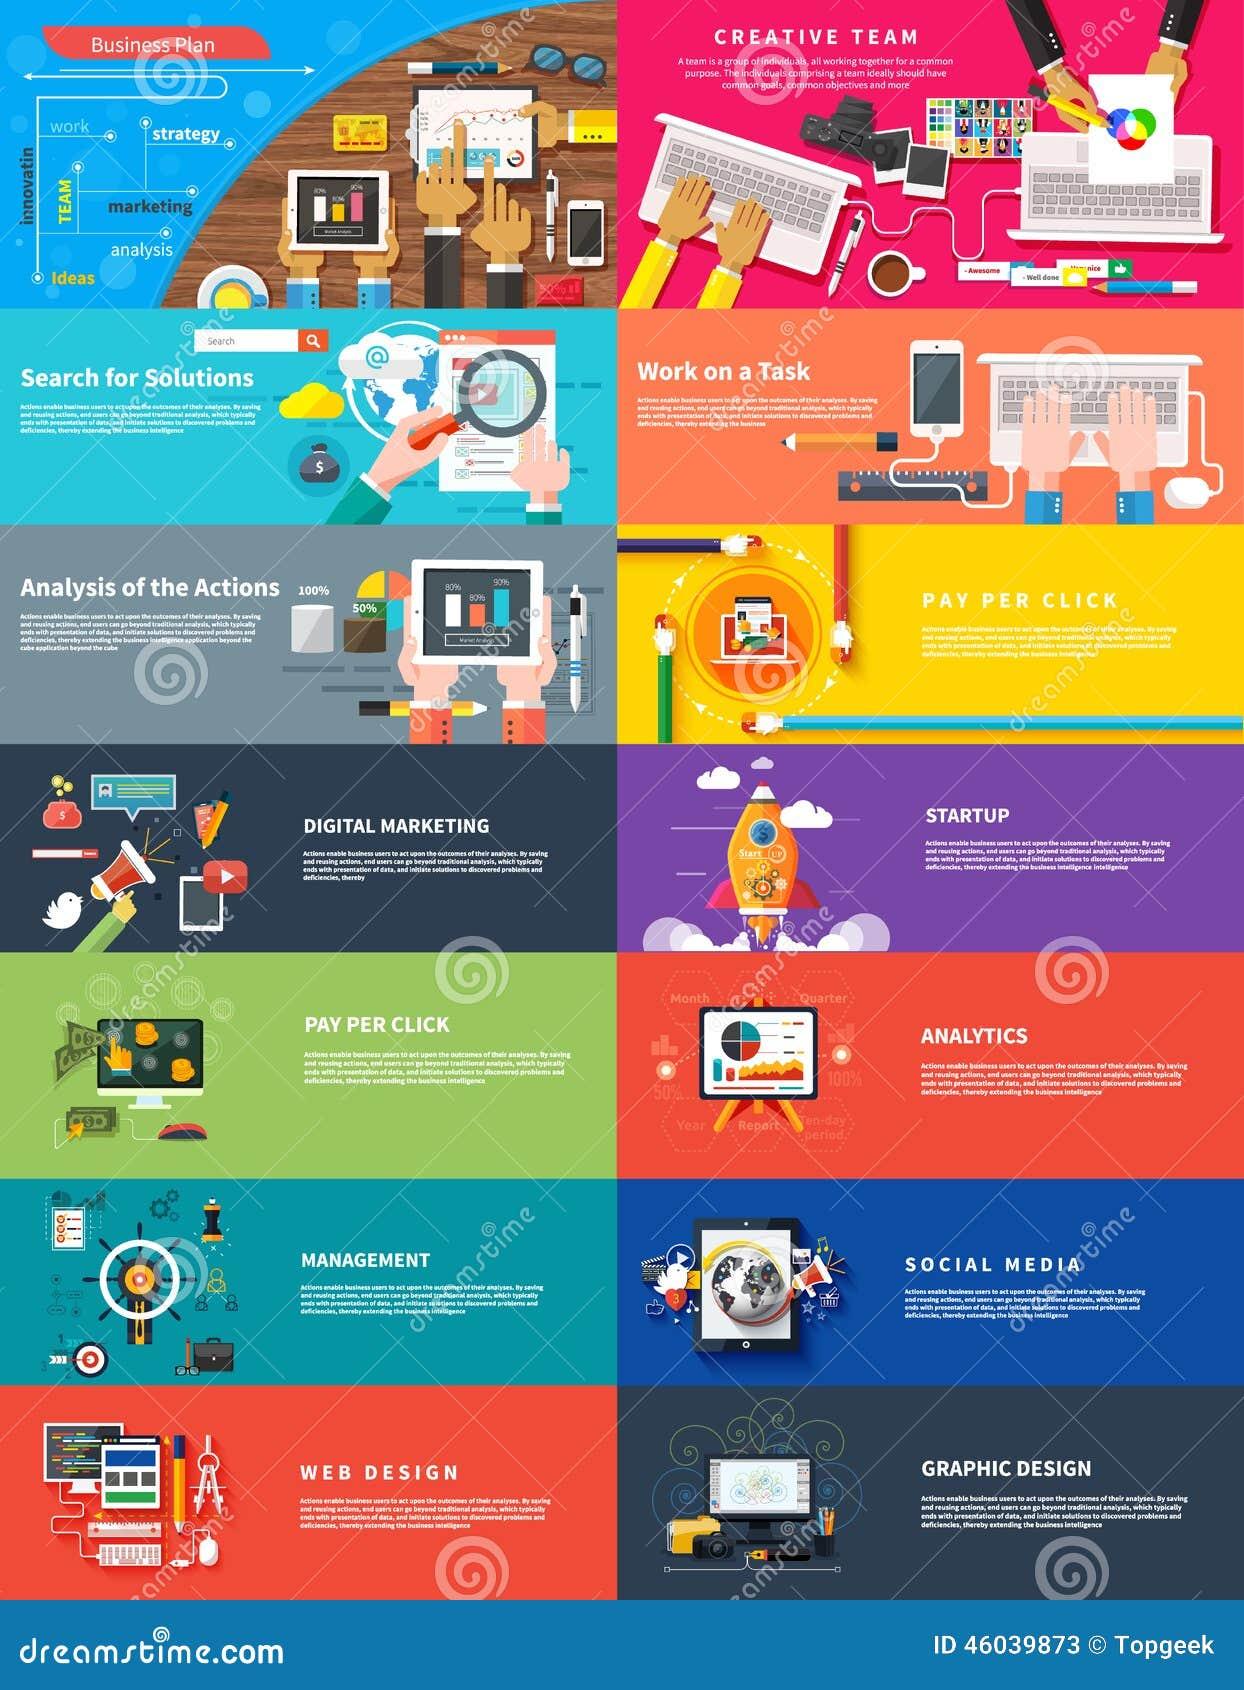 Zarządzania cyfrowego marketingowego srartup planistyczny seo